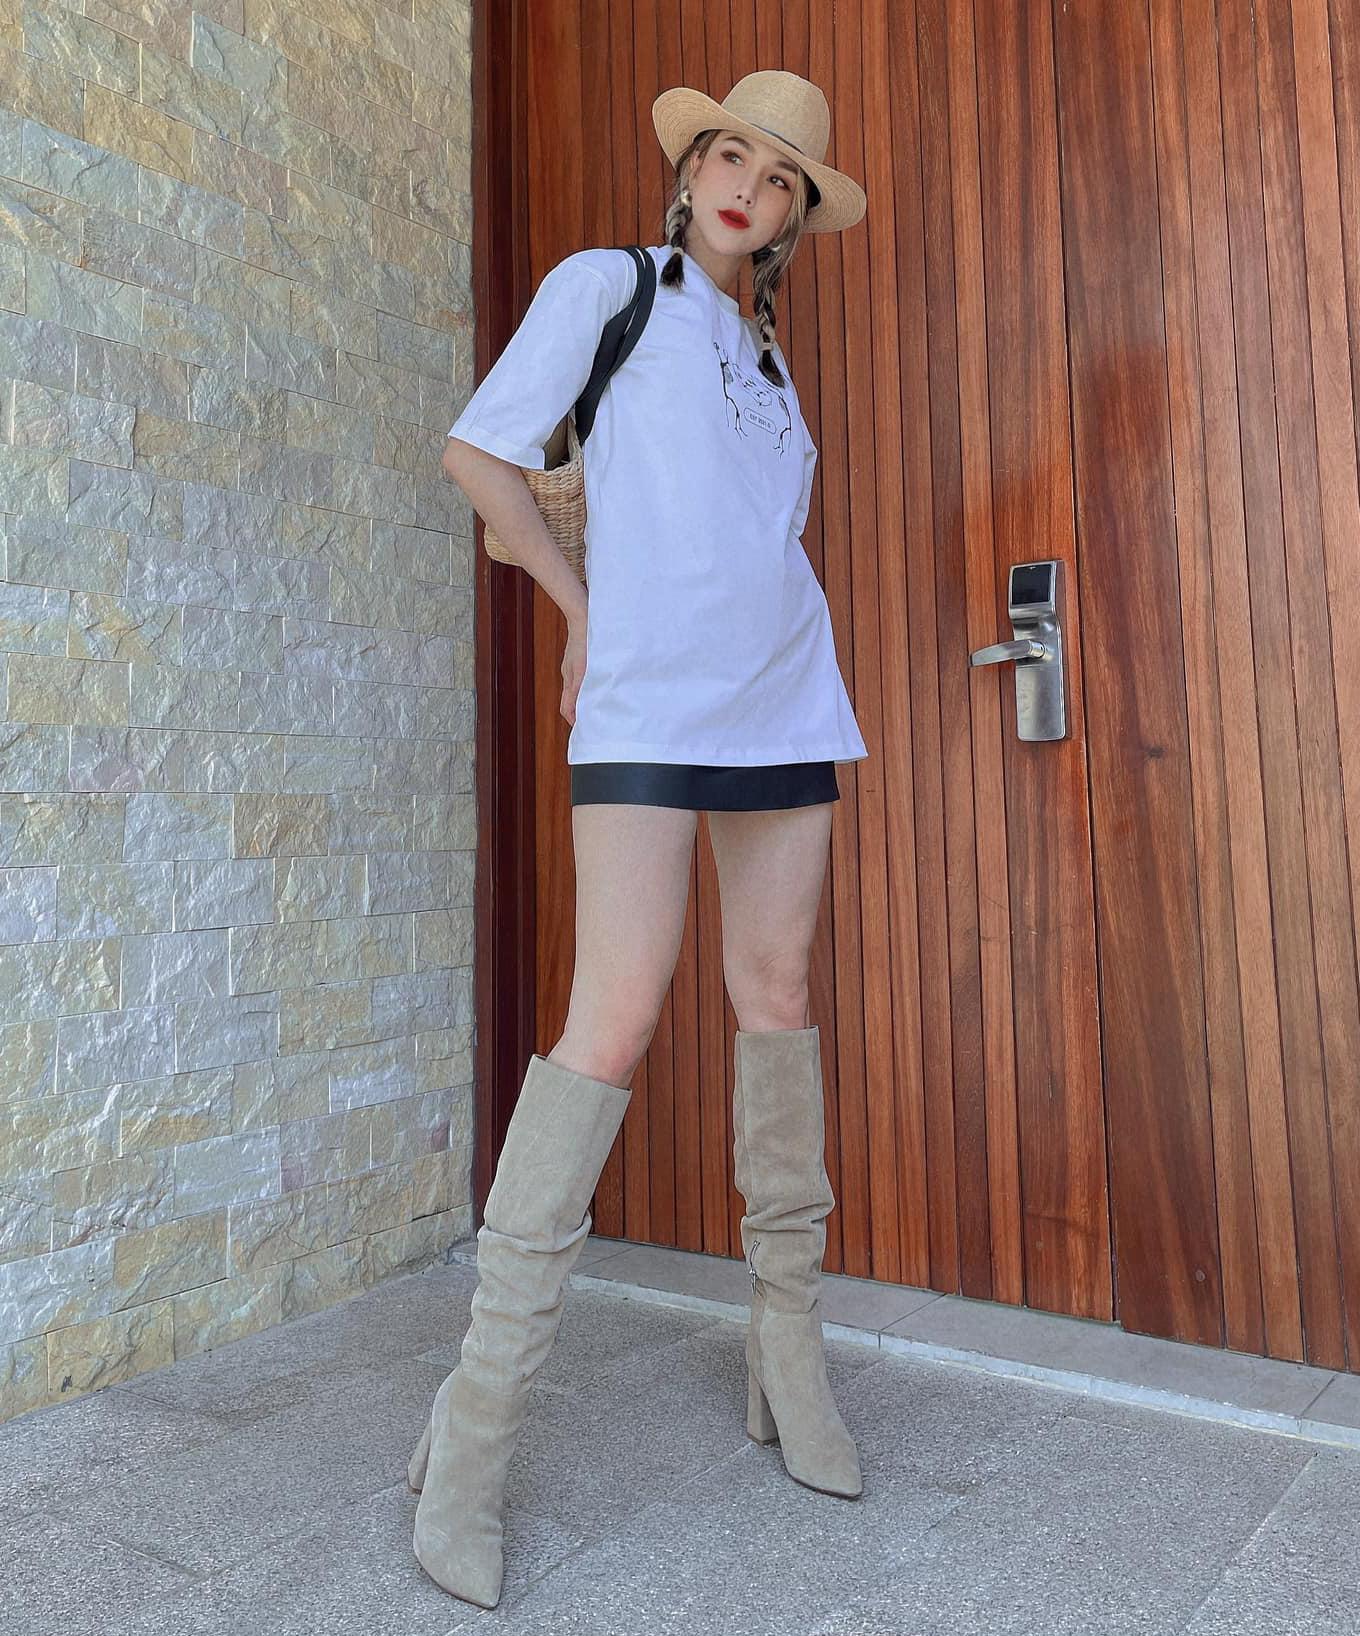 Diệp Lâm Anh chỉ cần diện áo thun và chân váy ngắn cũng chất lừ. Bà mẹ hai con rất cao tay trong khoản mix phụ kiện khi kết hợp mũ cói cùng boots cao đến gối.